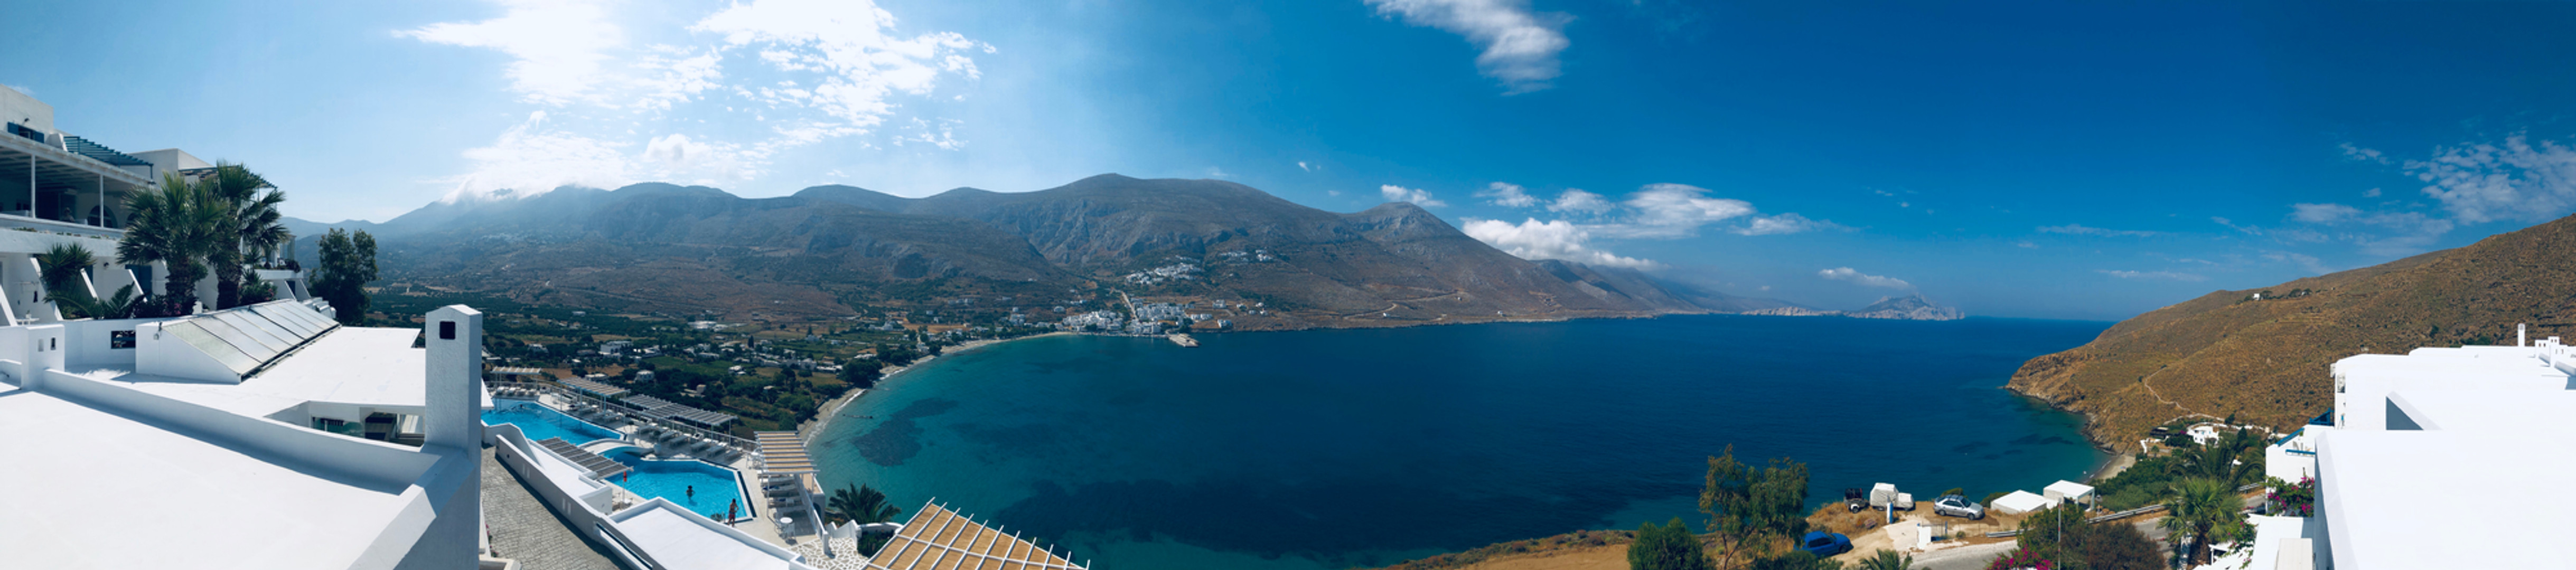 Panoramic View of Aegialis